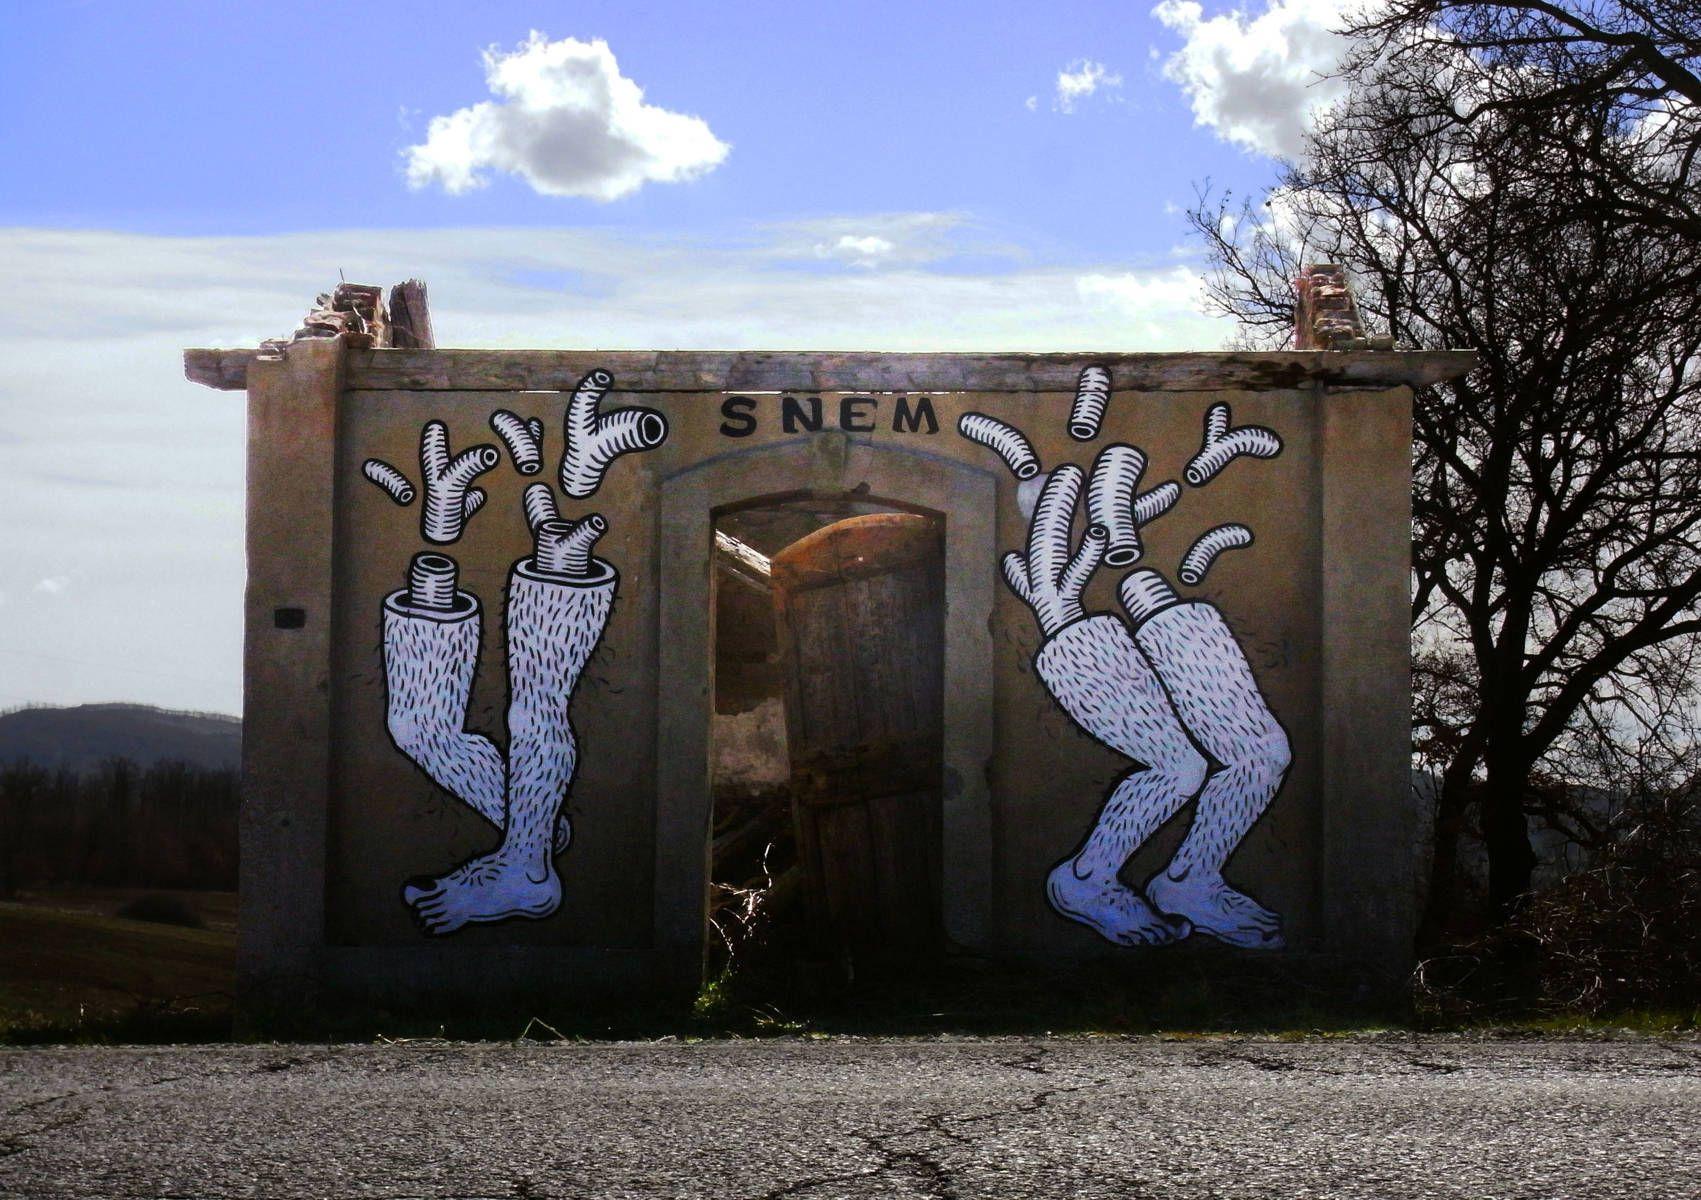 Graffiti Wildwood (1) SNEM.